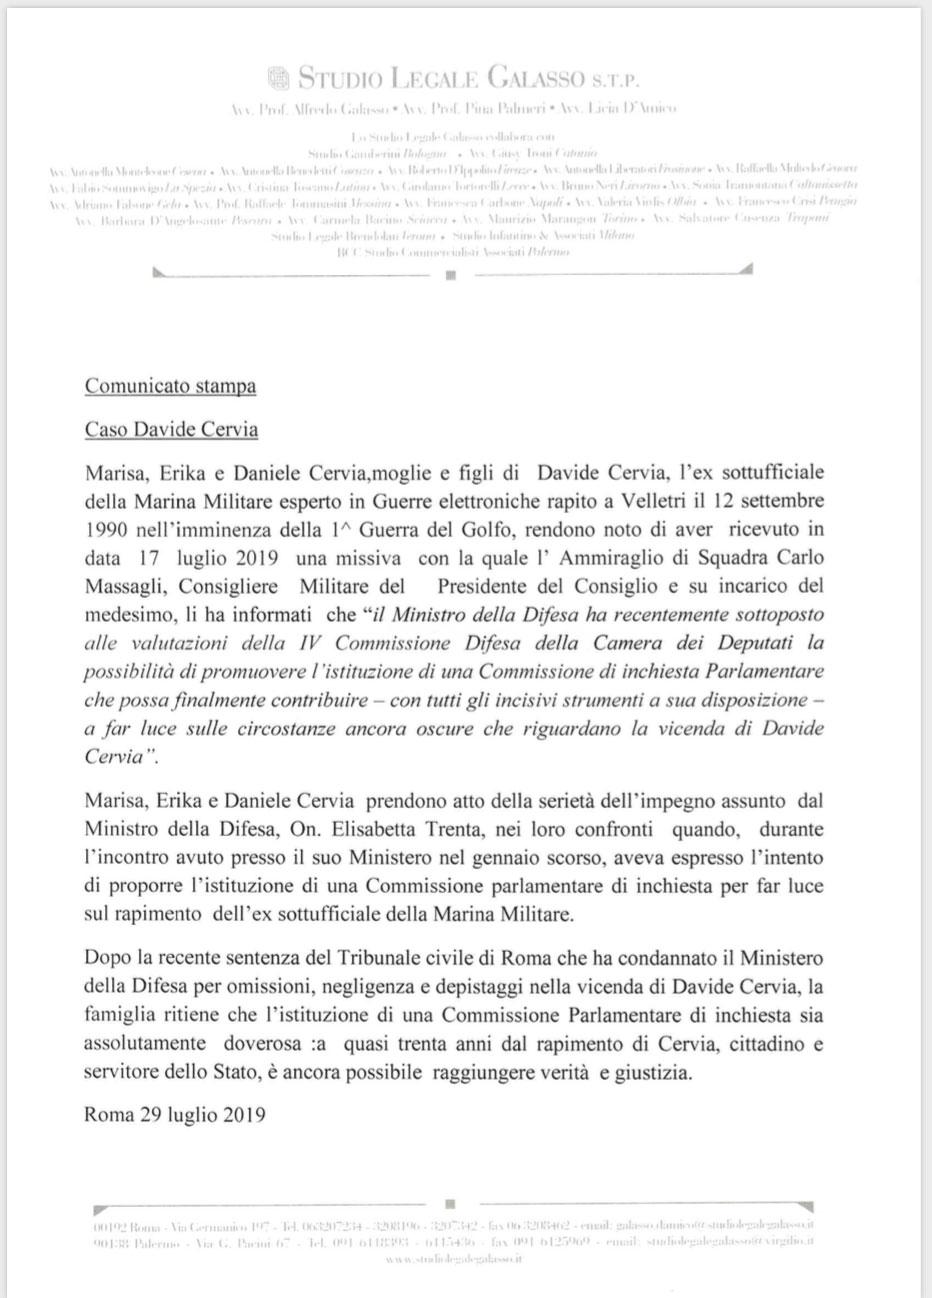 Comunicato-Stampa-Caso-Davide-Cervia